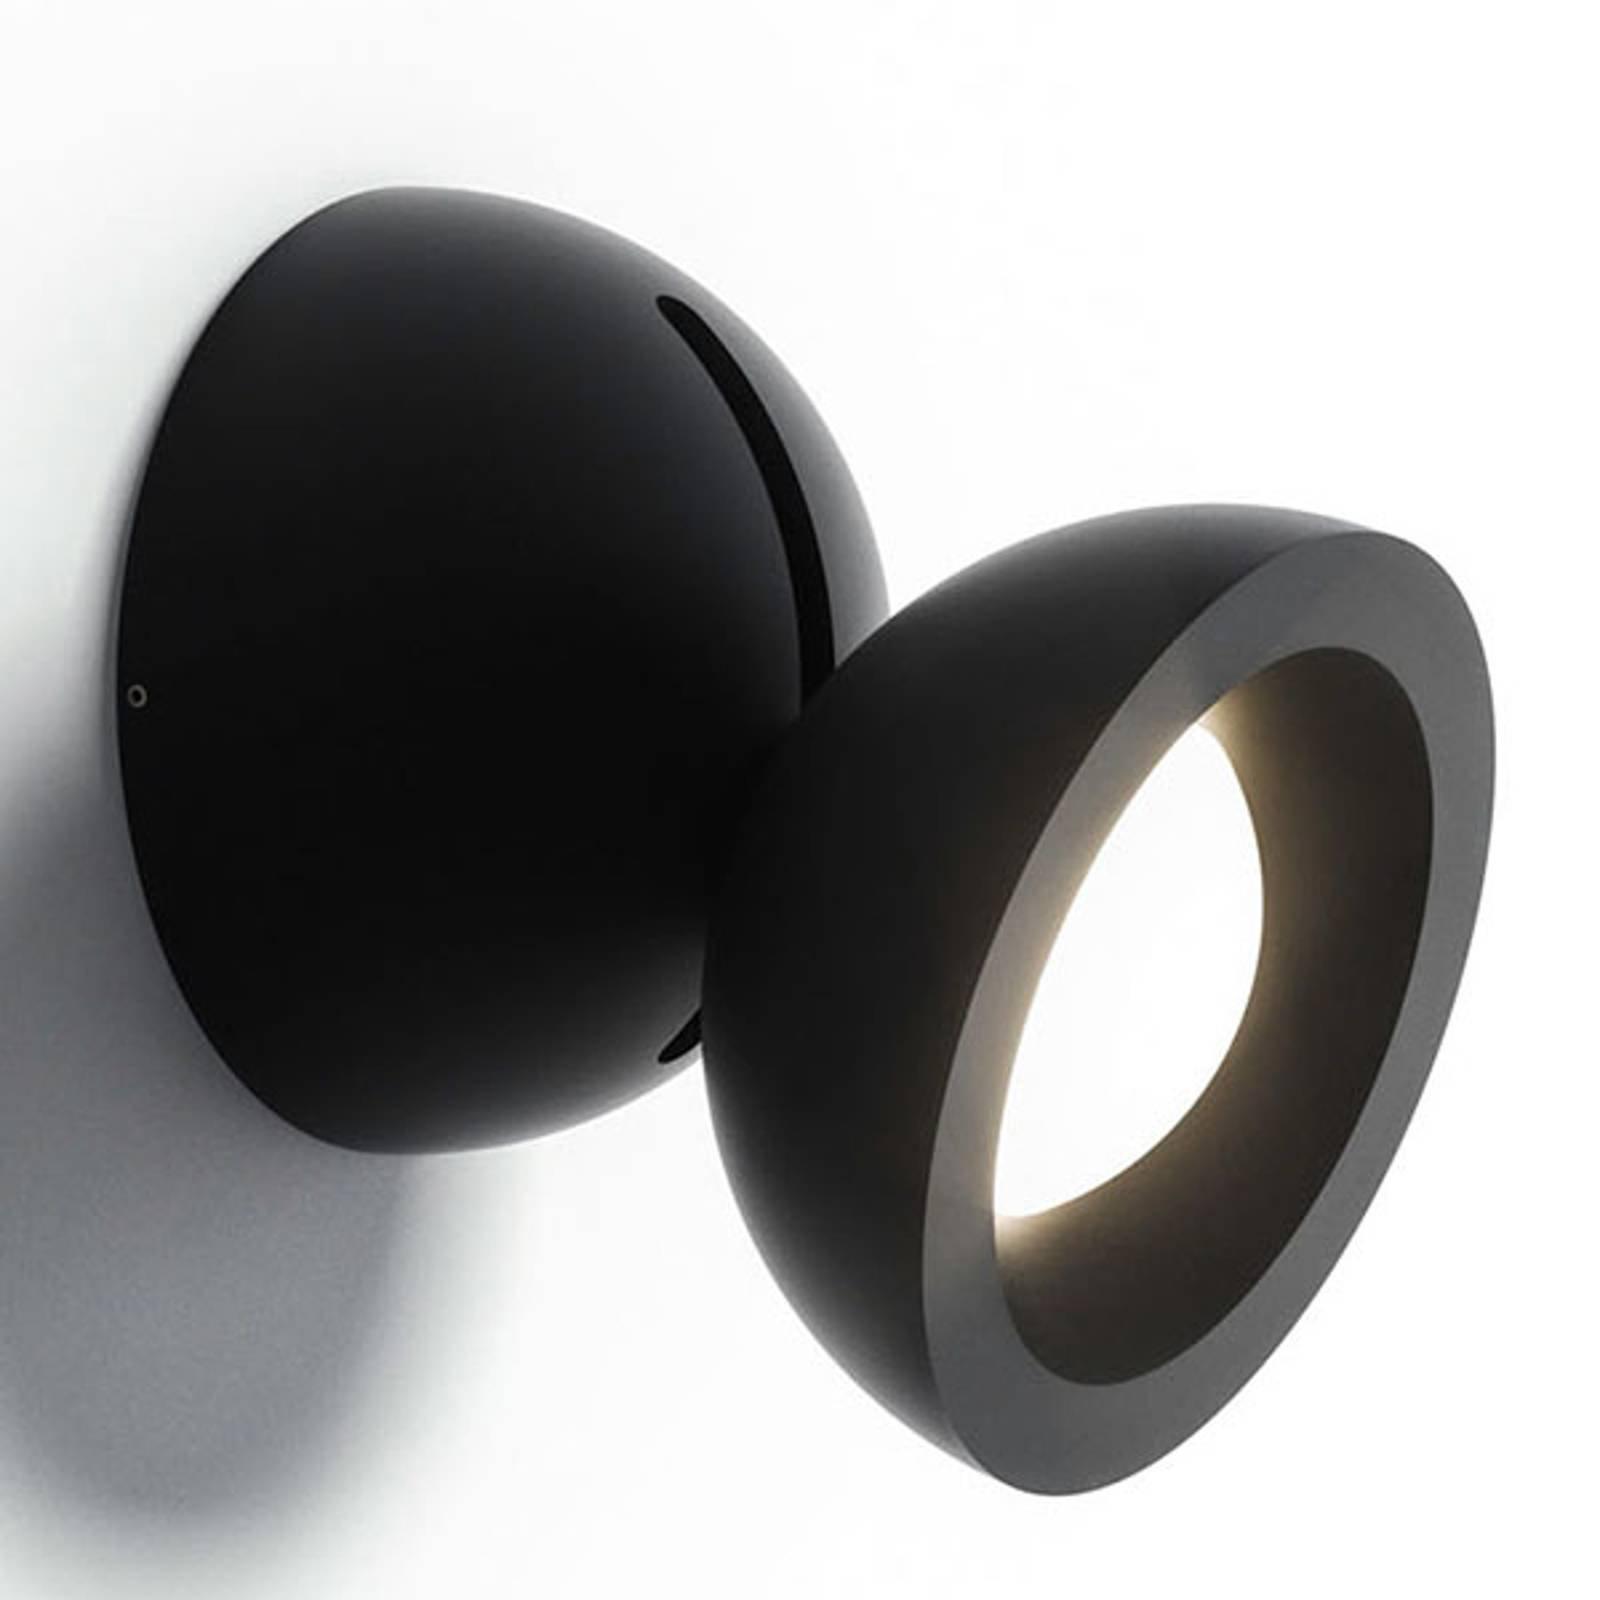 Axolight DoDot LED-vegglampe, svart 15°